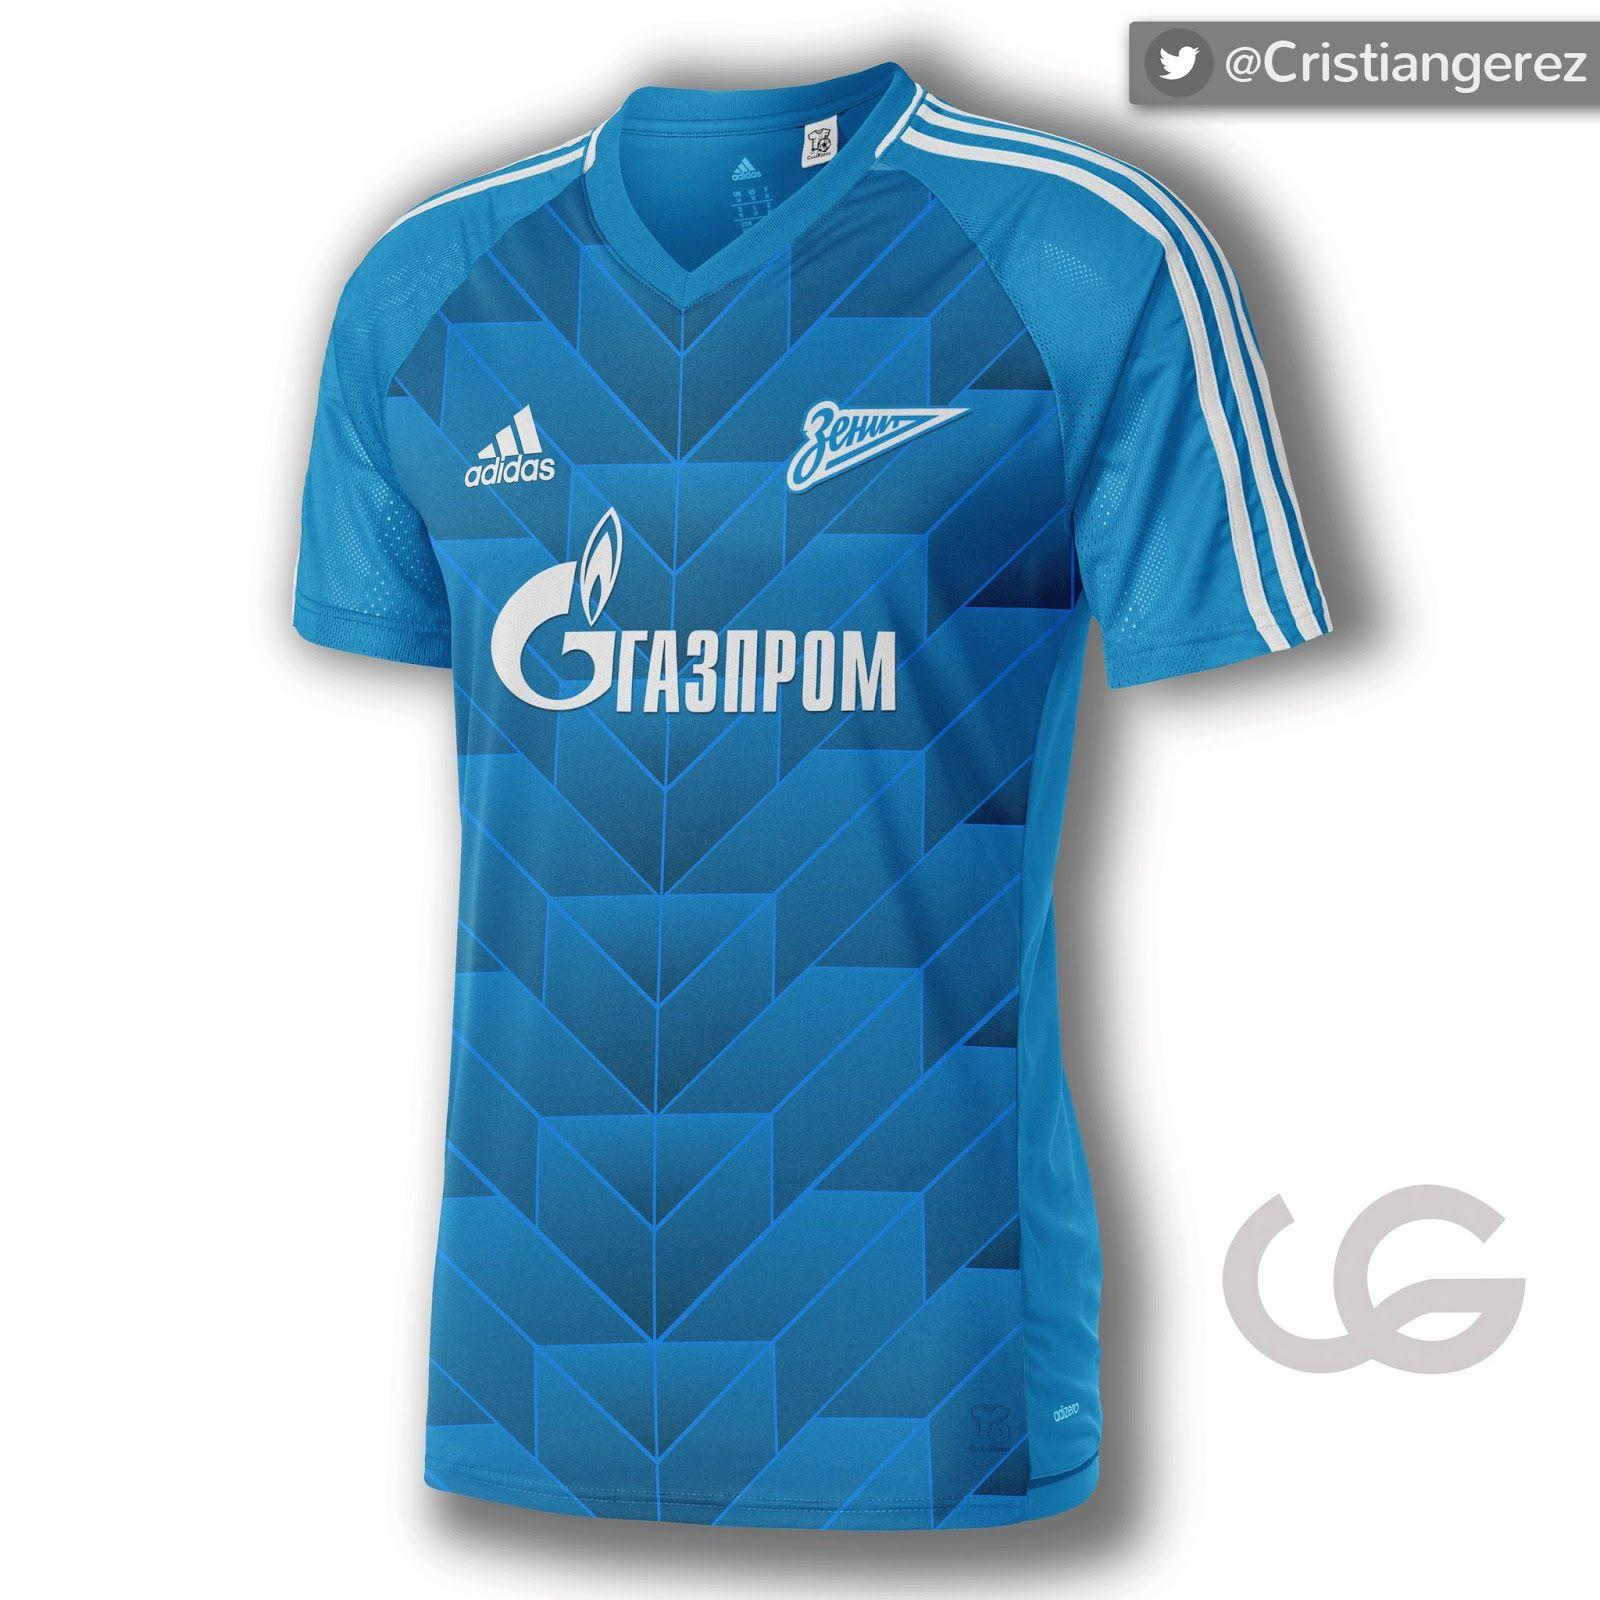 07d895f7b18fb Diseño de camisetas de fútbol real o fantasy    Creamos TEMPLATES de  camisetas de fútbol    Tutoriales    Mockups    Soccer Kit Templates